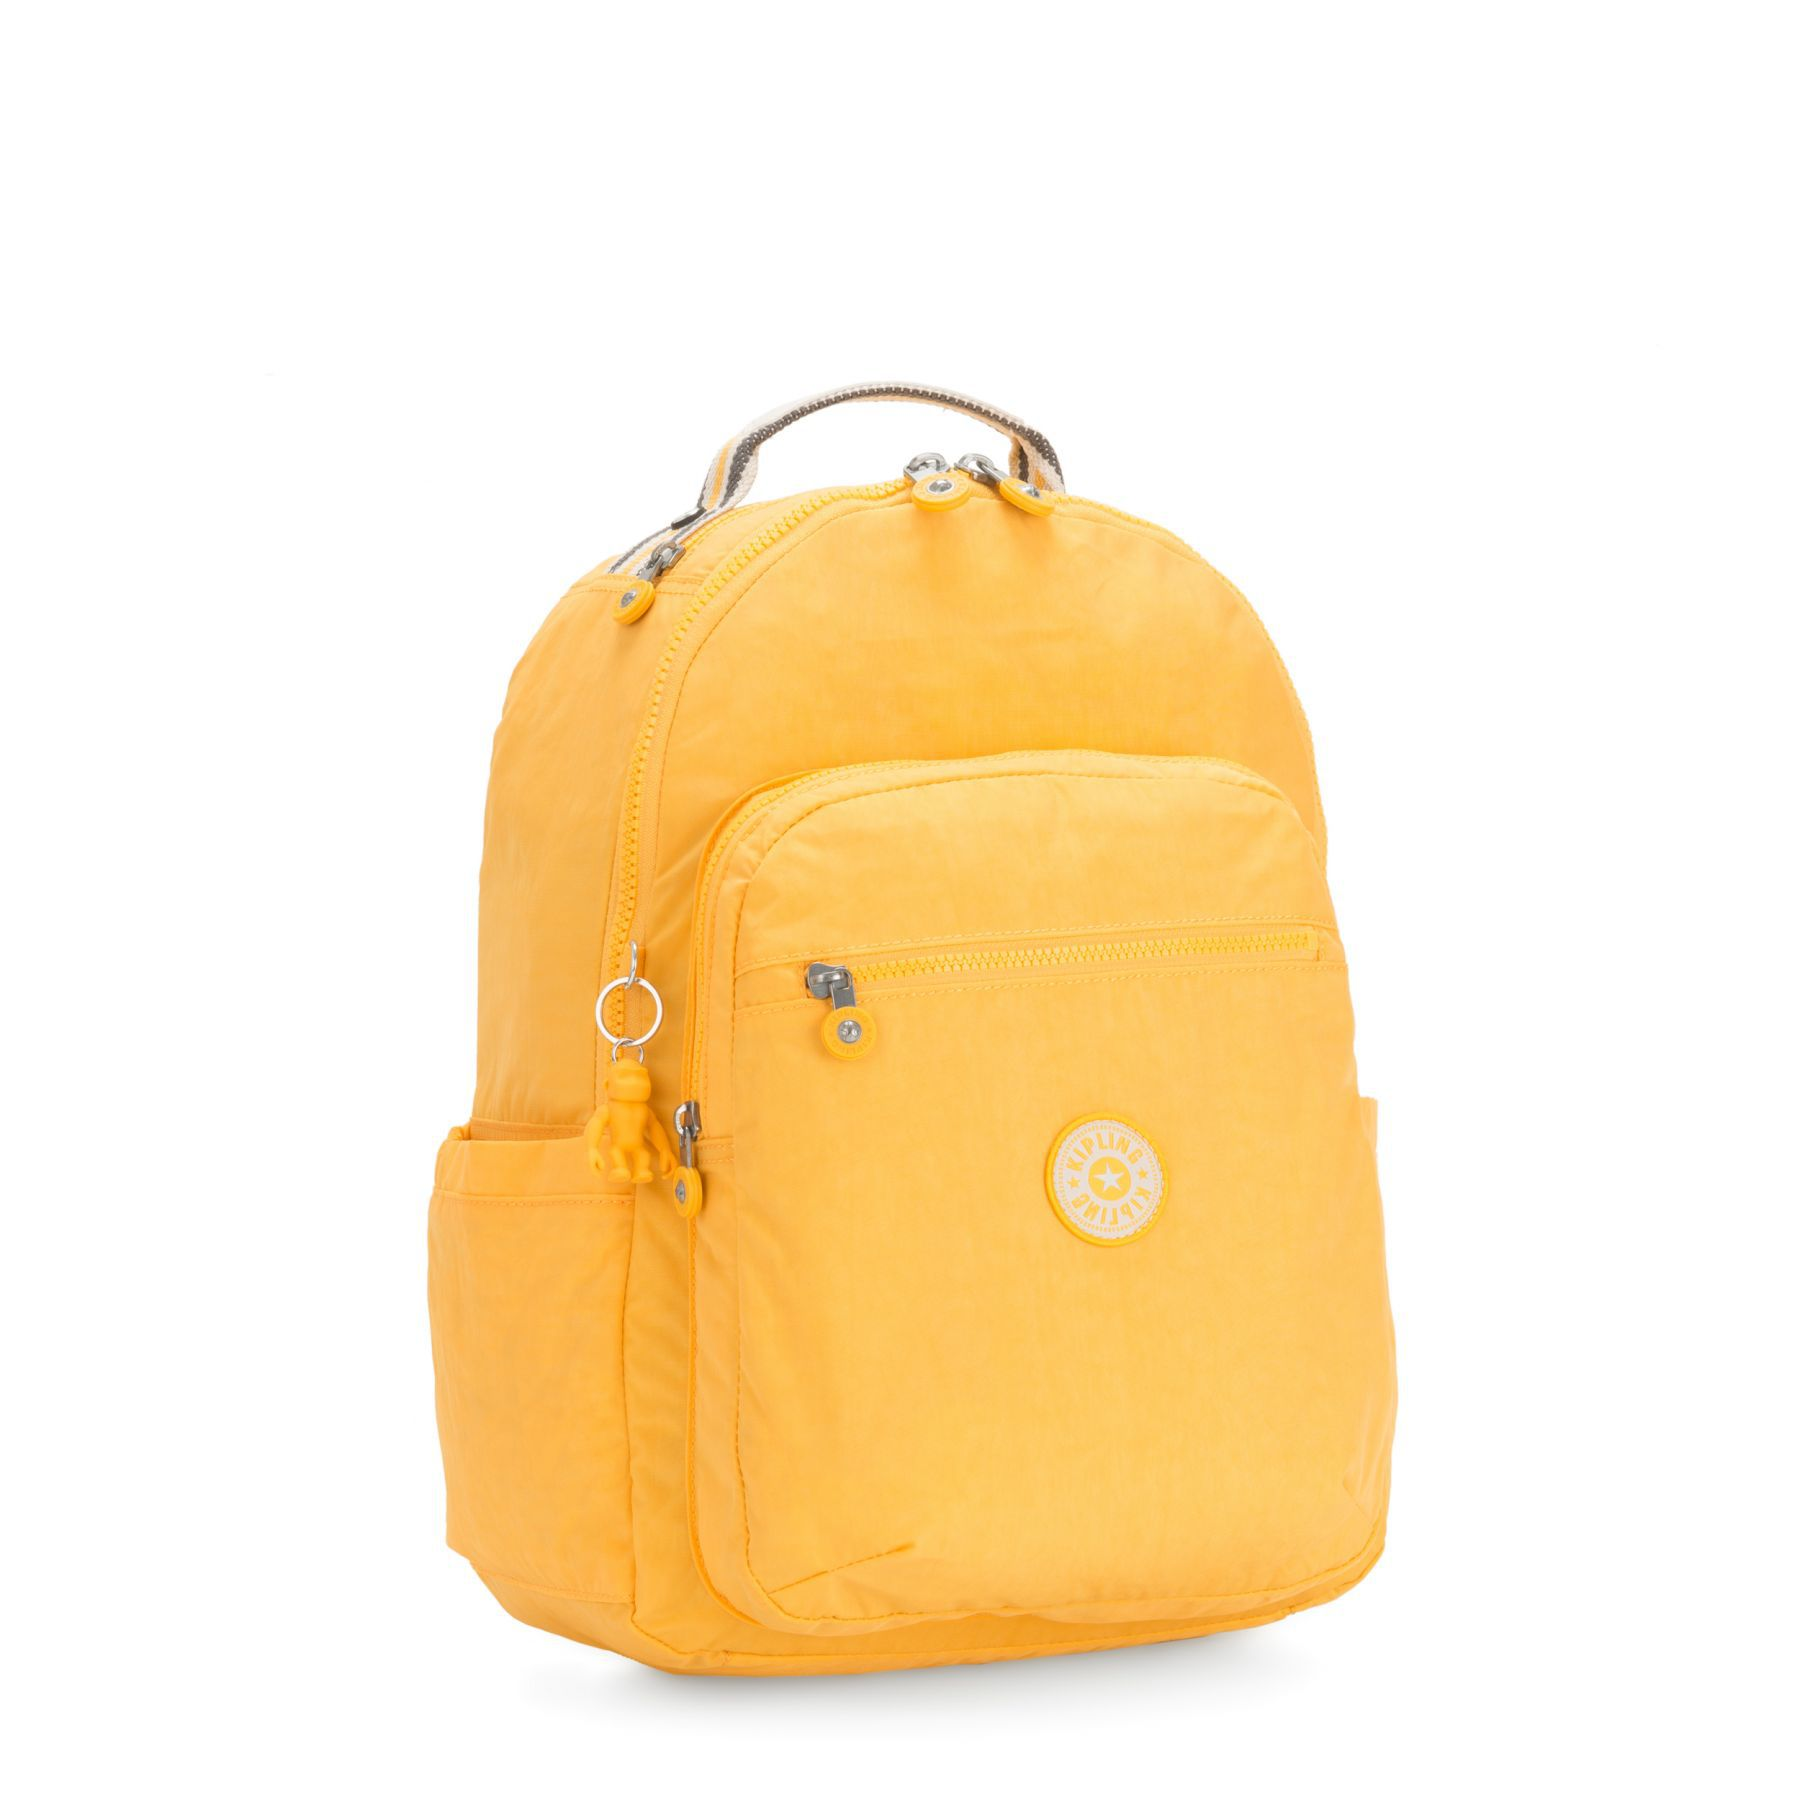 Mochila Kipling Seoul Vivid Yellow